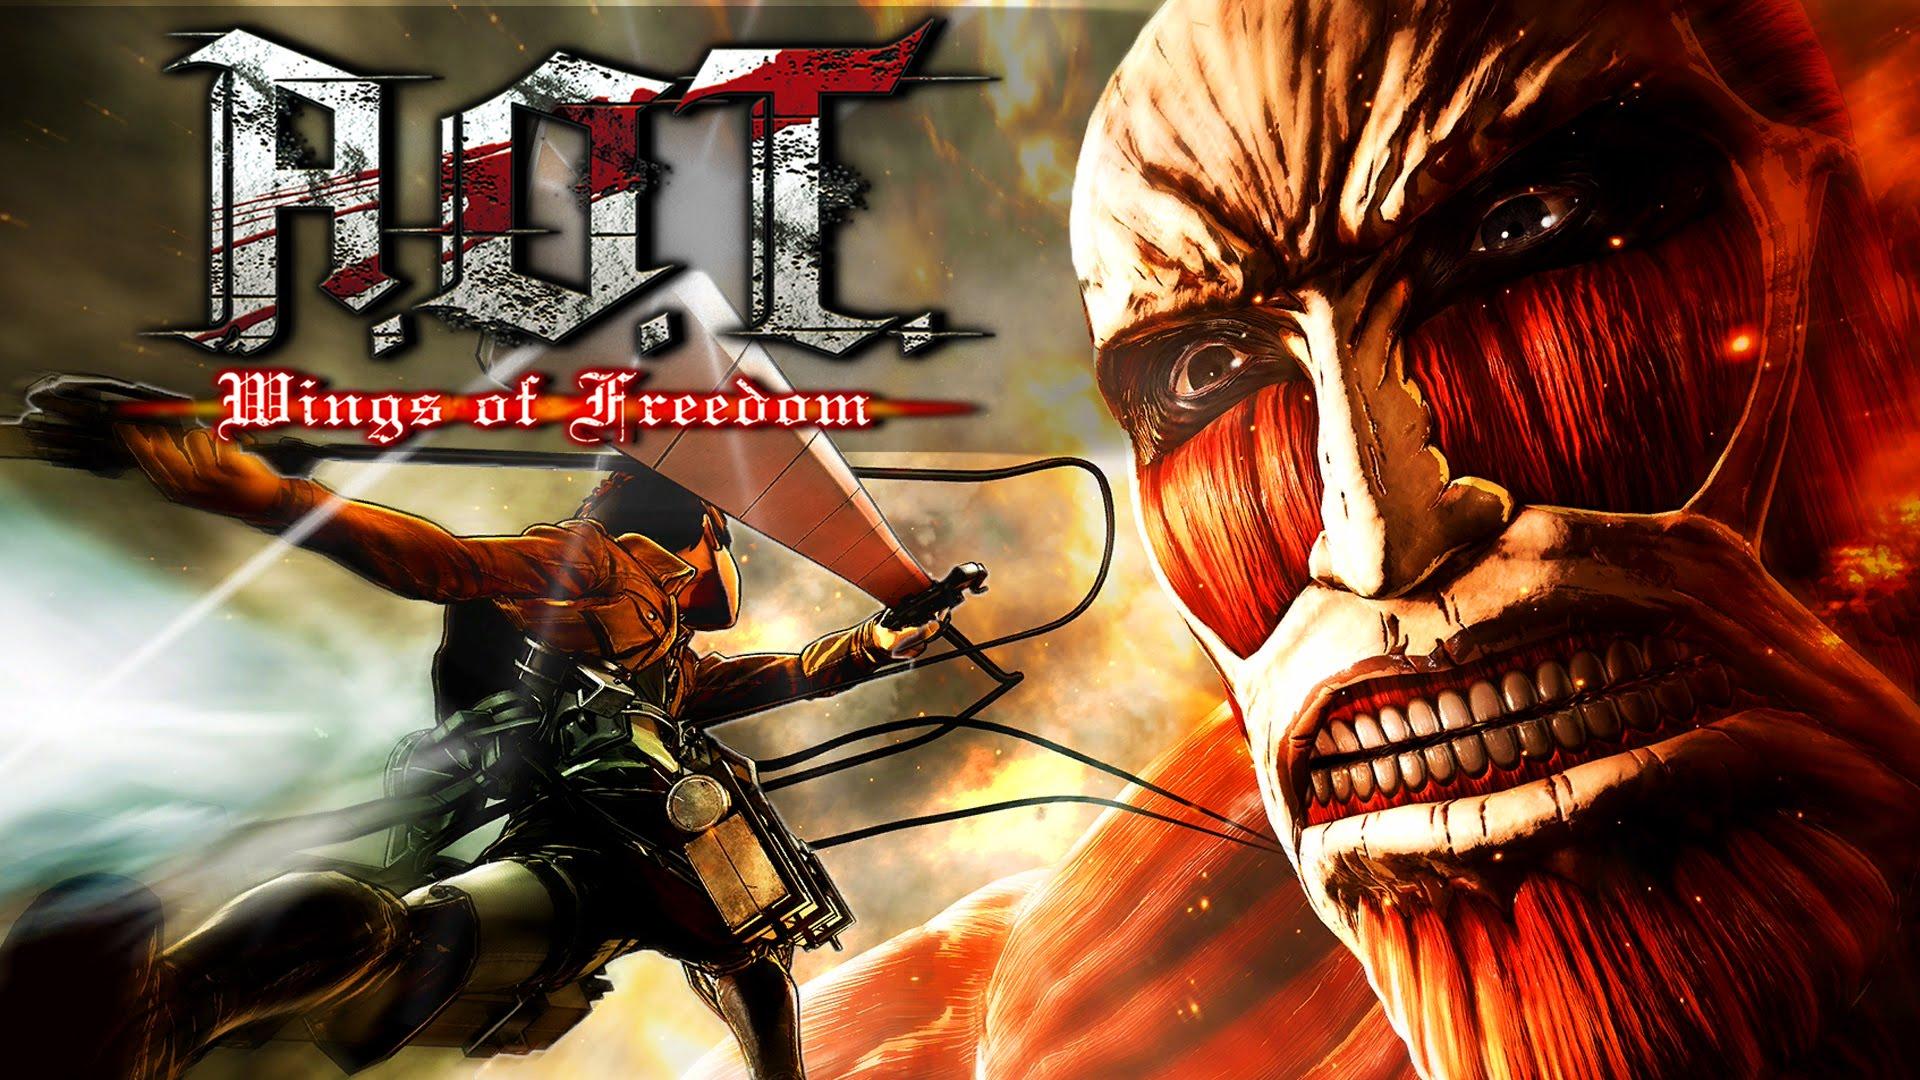 Пост-прохождение Attack of Titan: Wings of Freedom Часть 3 - Изображение 1